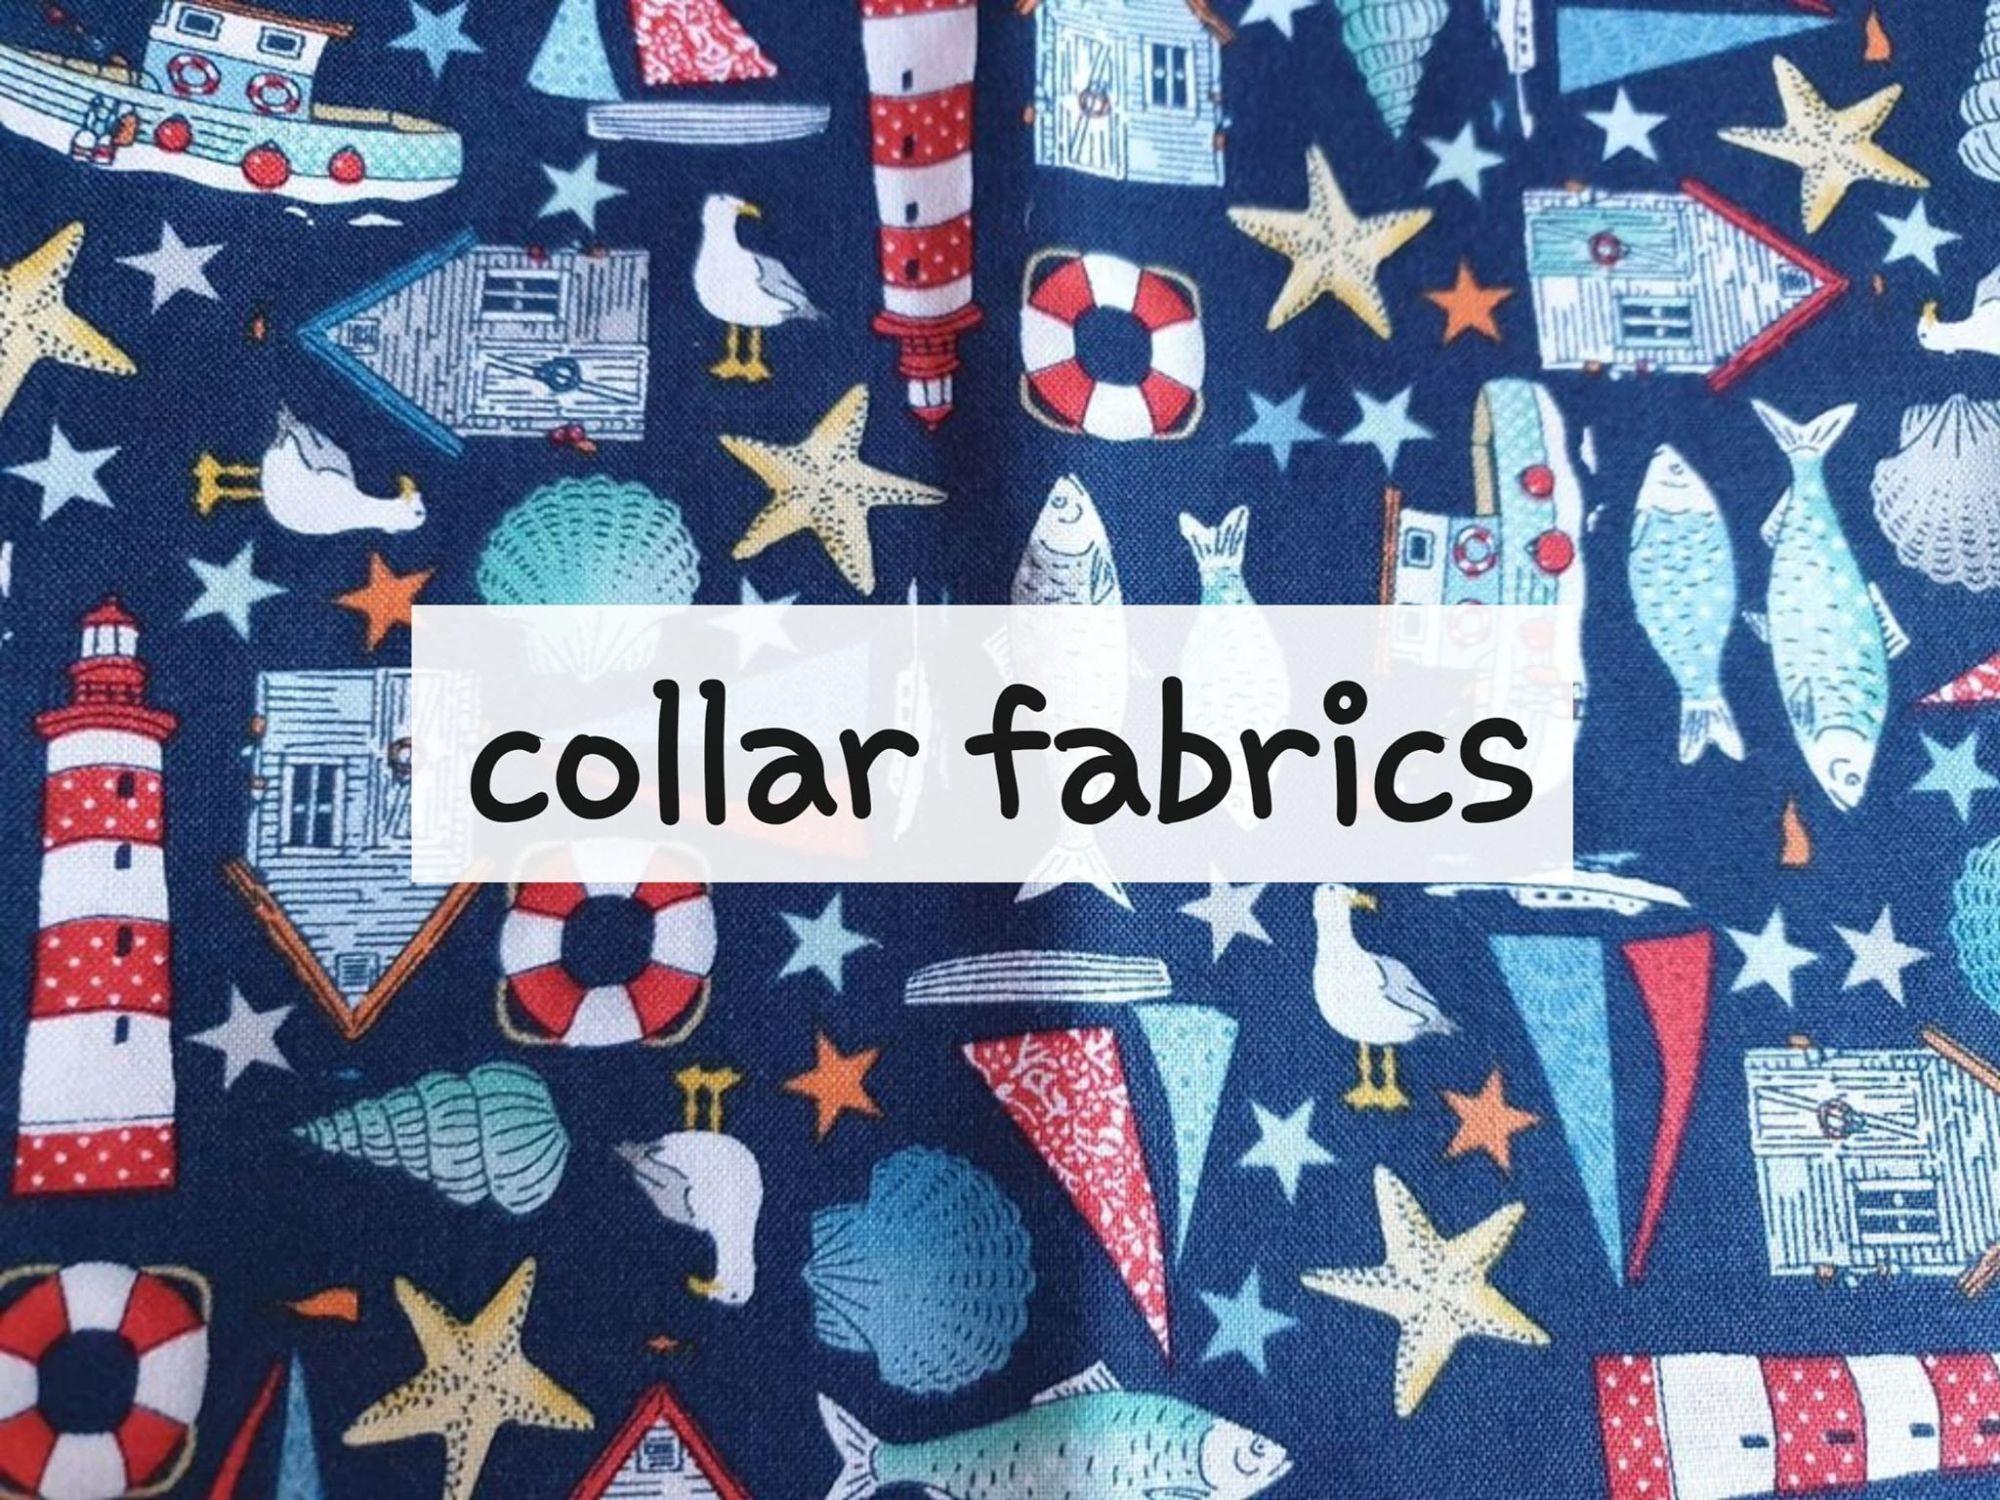 collar fabrics